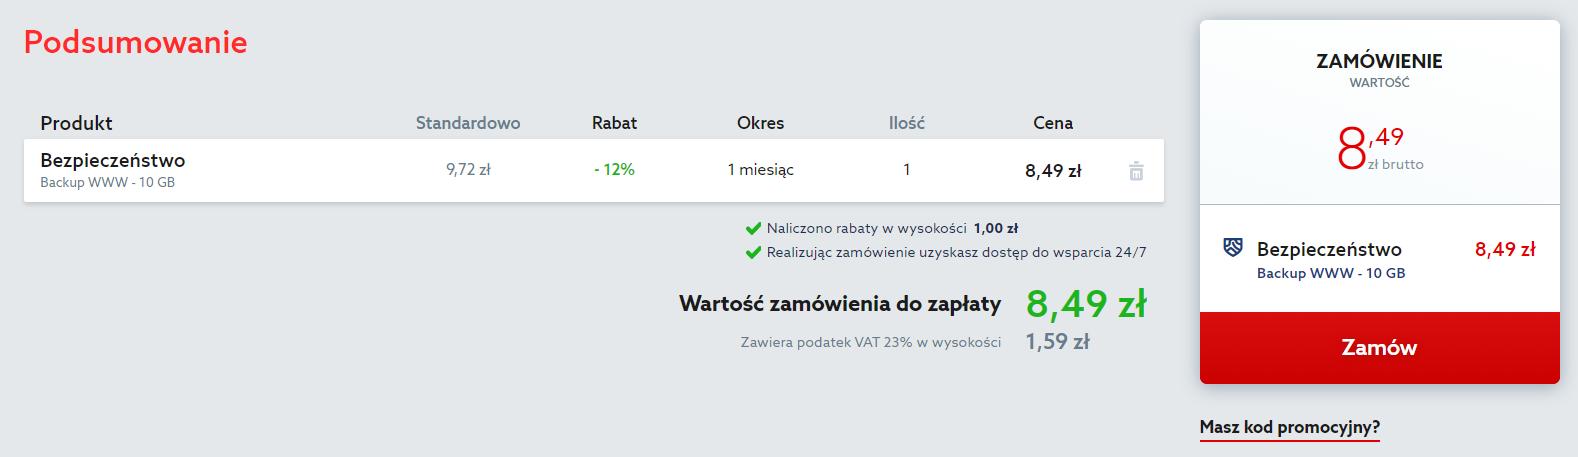 Sprawdź podsumowanie zamówienia na Backup WWW i kliknij przycisk: Zamów.